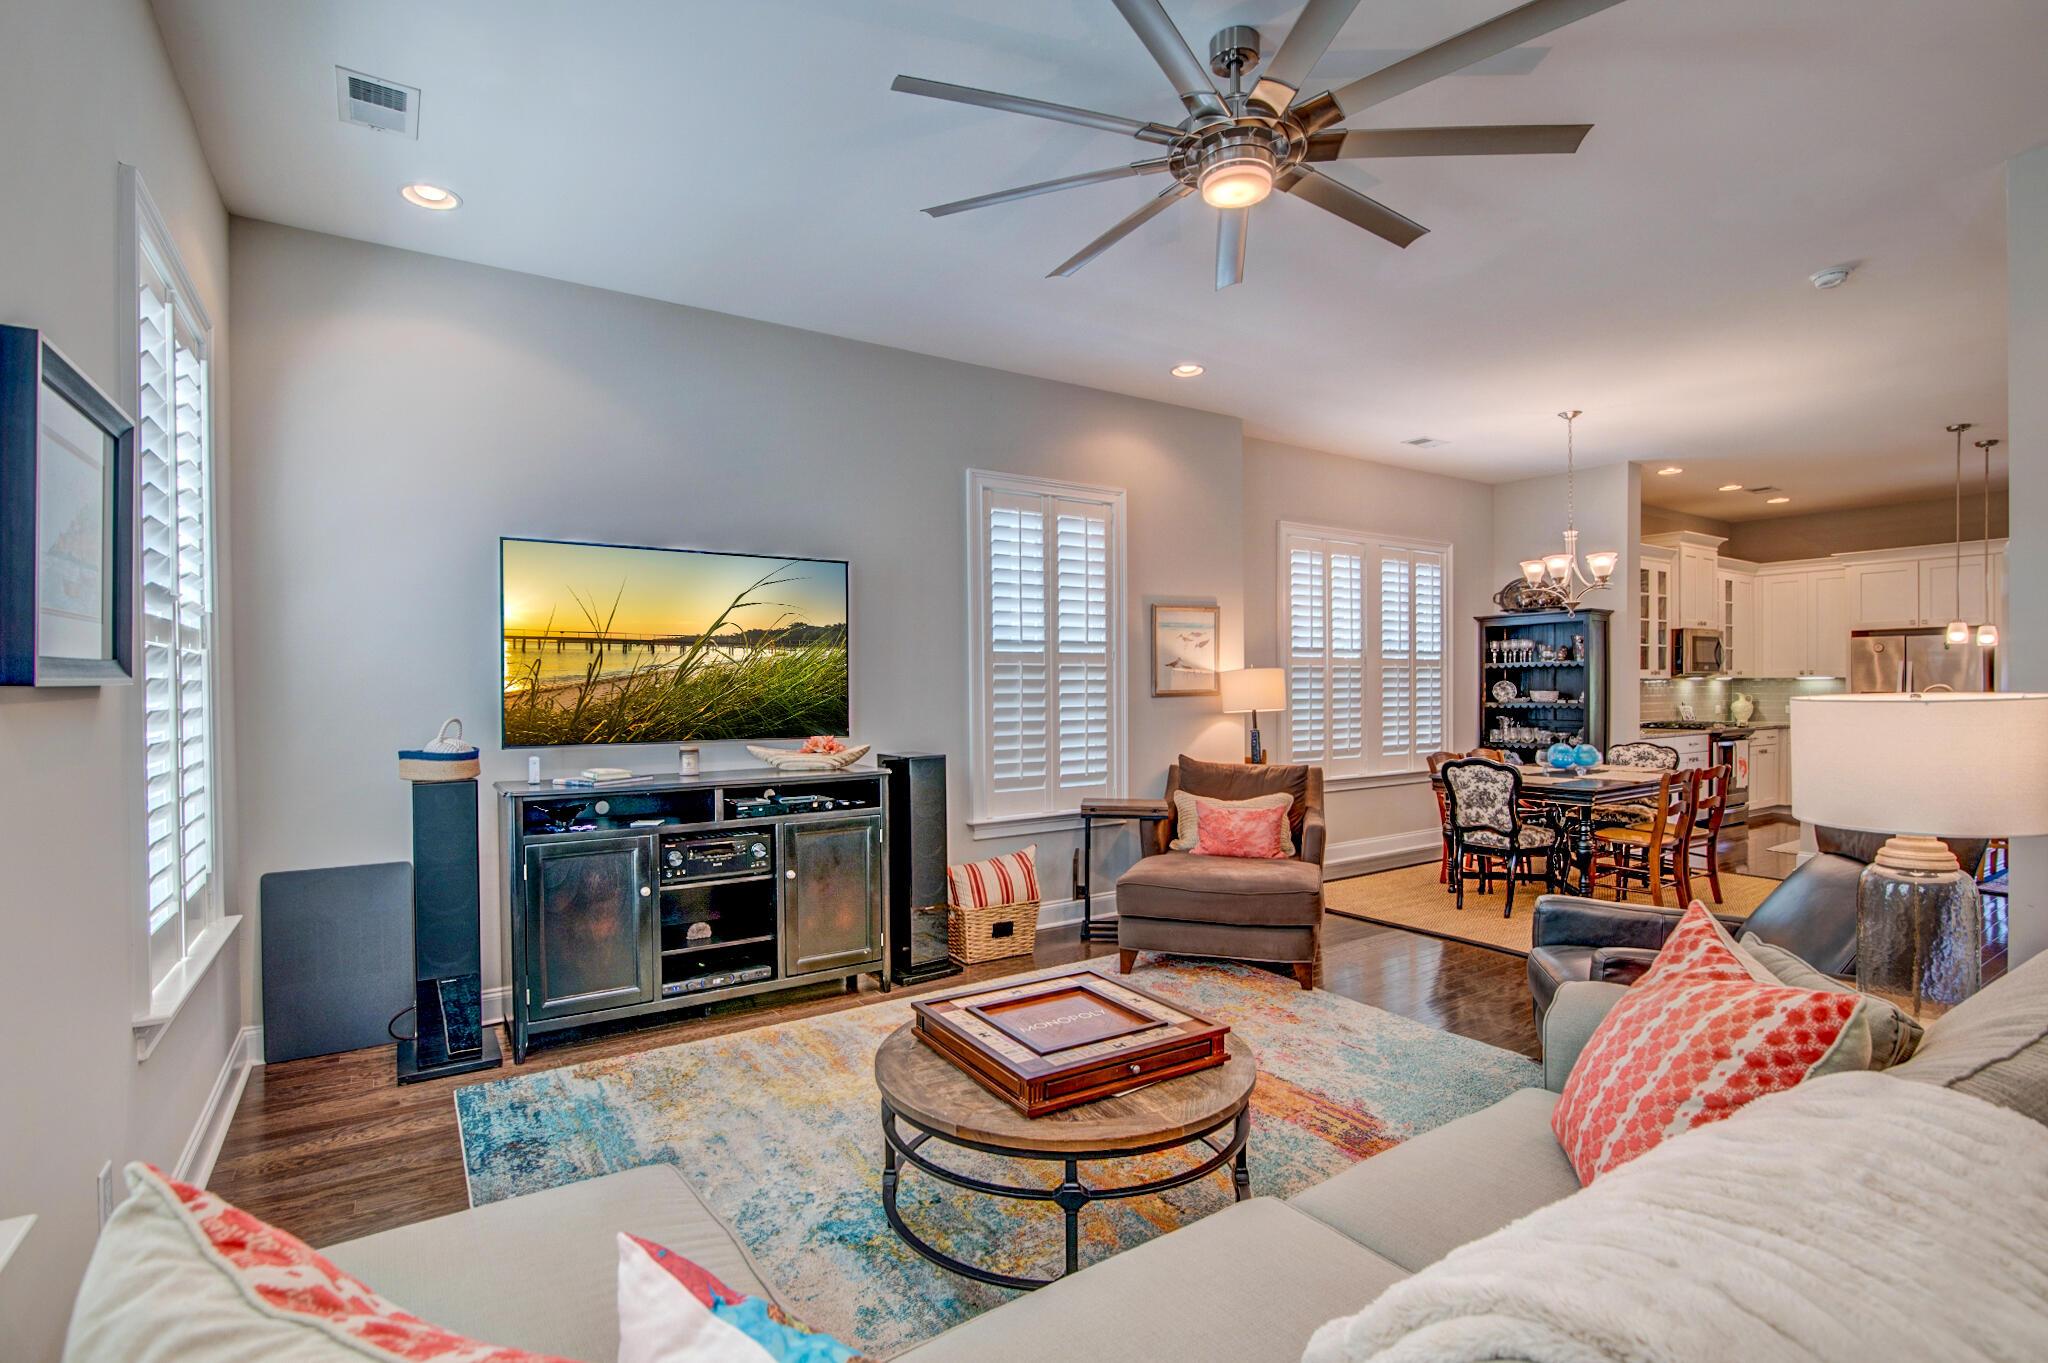 Whitesides Park Homes For Sale - 1102 Alagash Way, Mount Pleasant, SC - 25